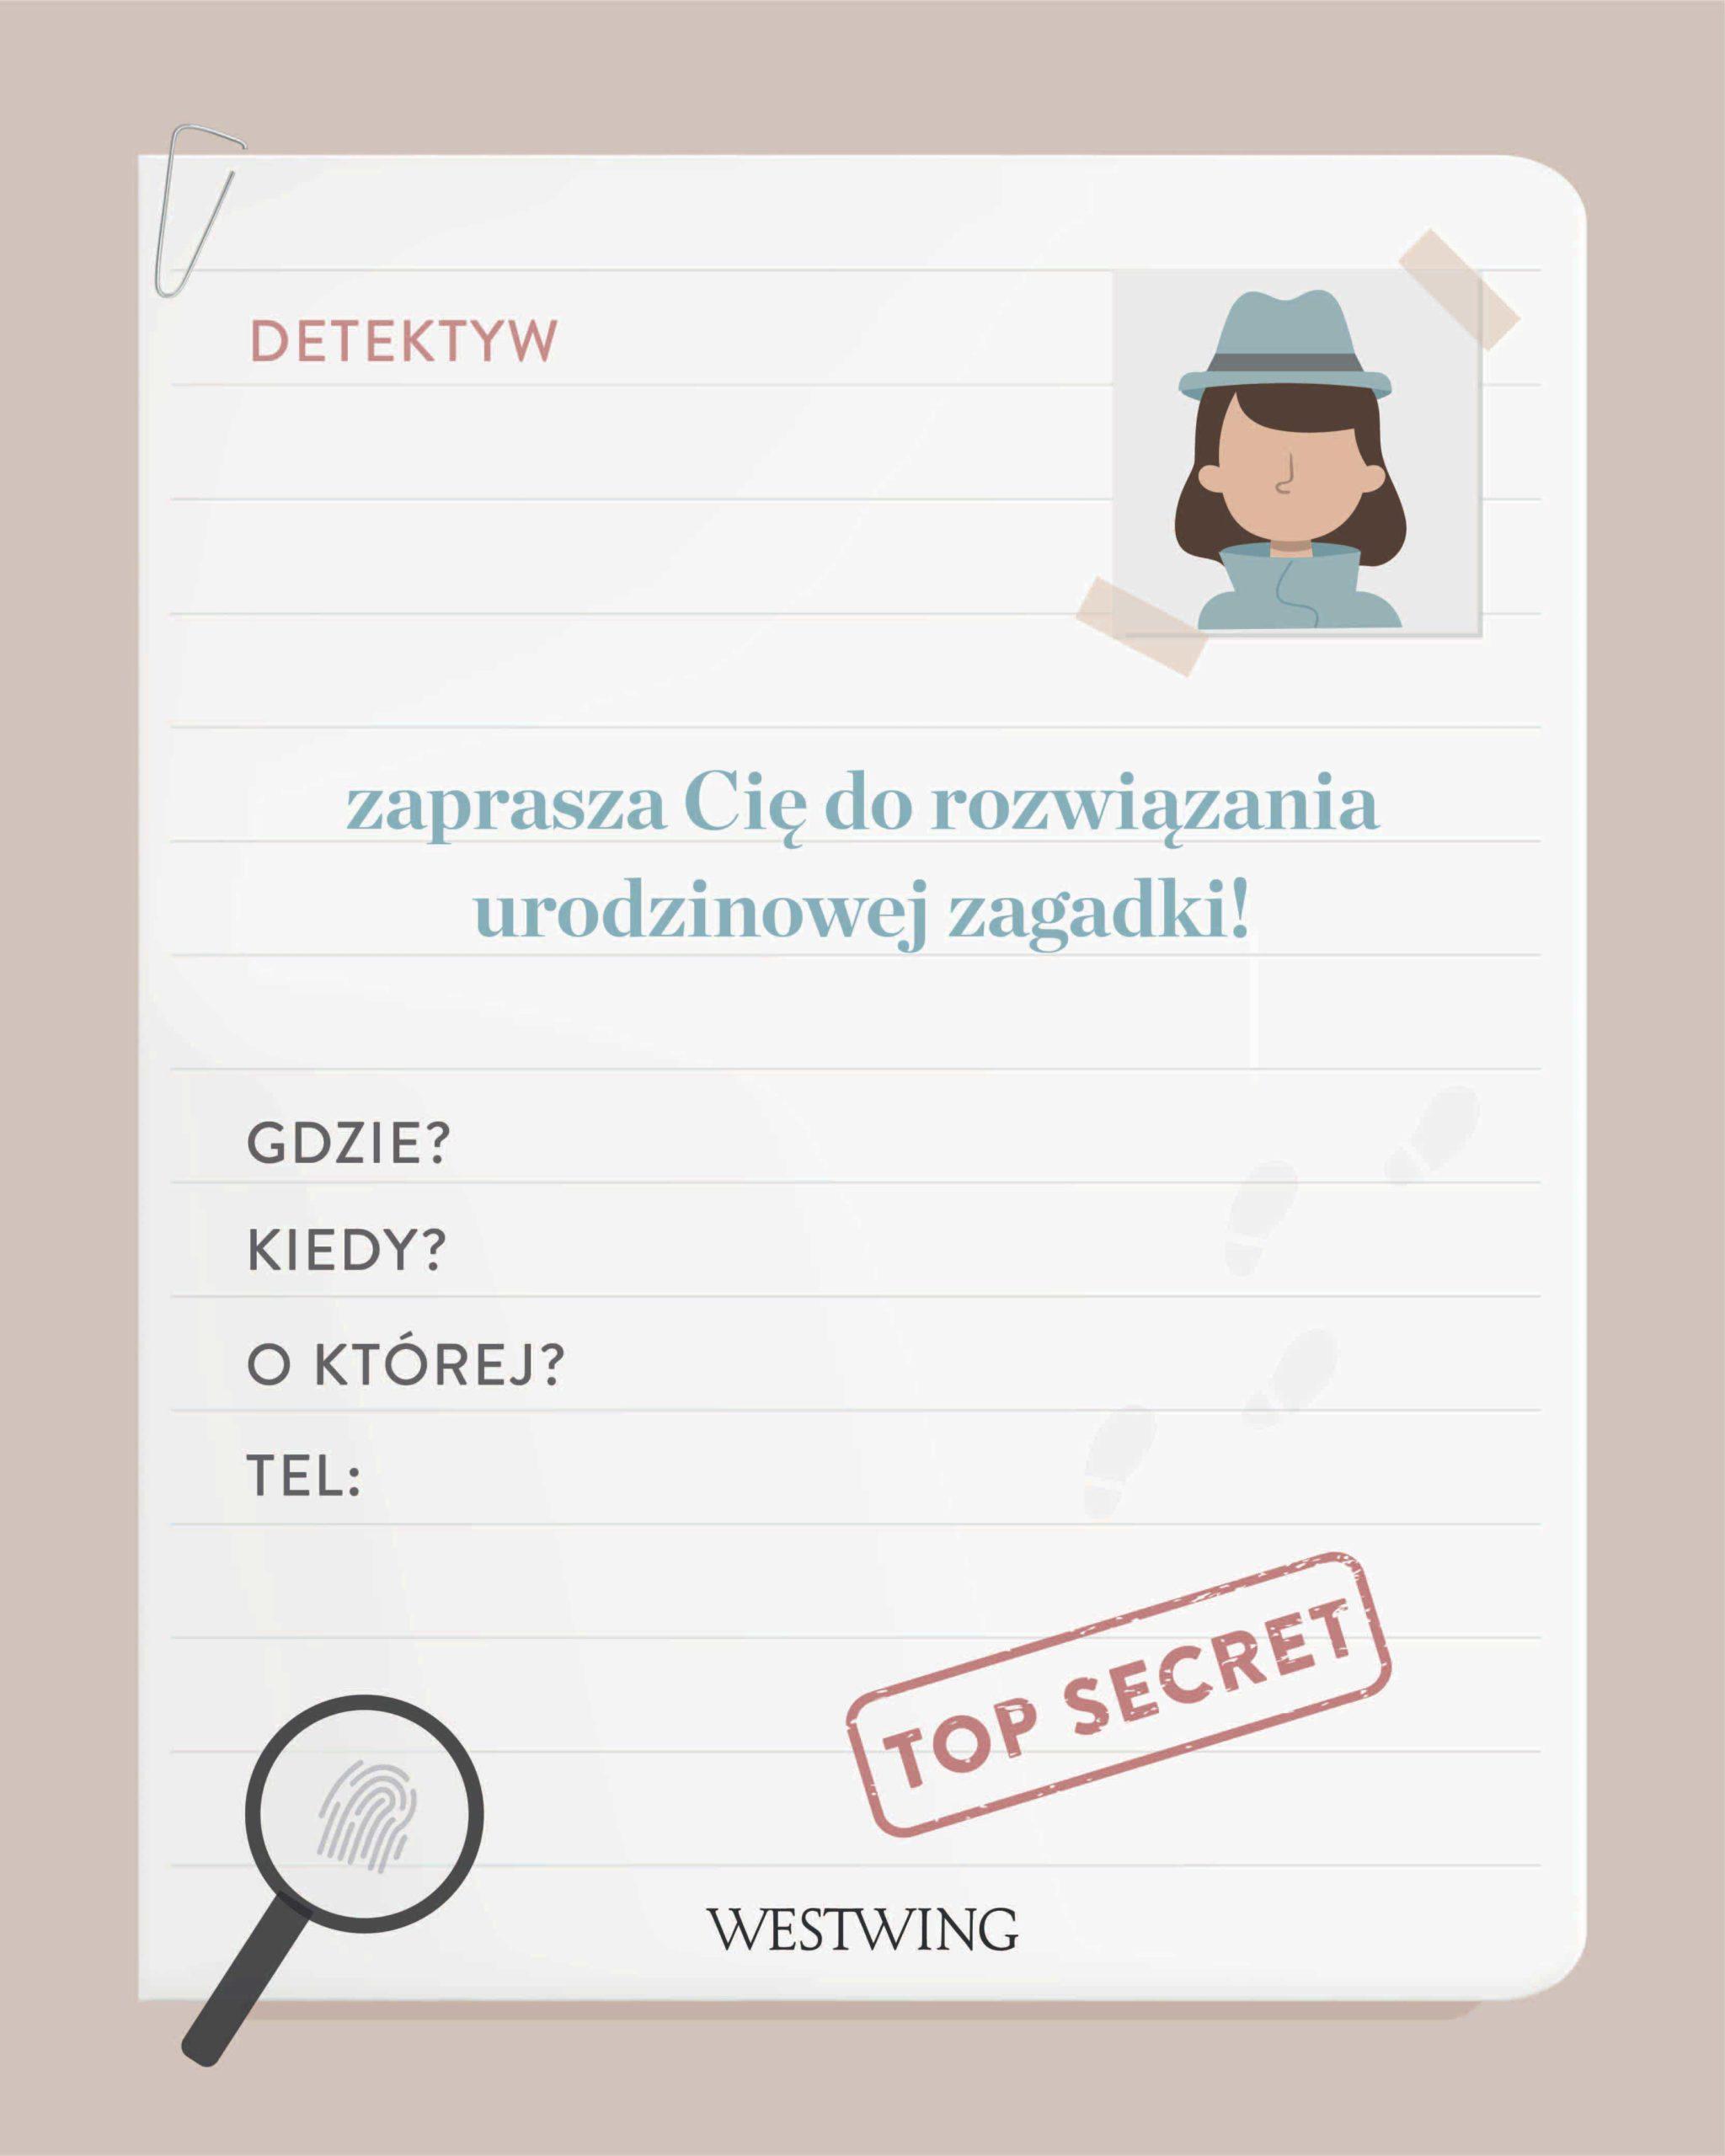 Pobierz nasze zaproszenia do wydrukowania na urodziny z motywem pani detektyw!